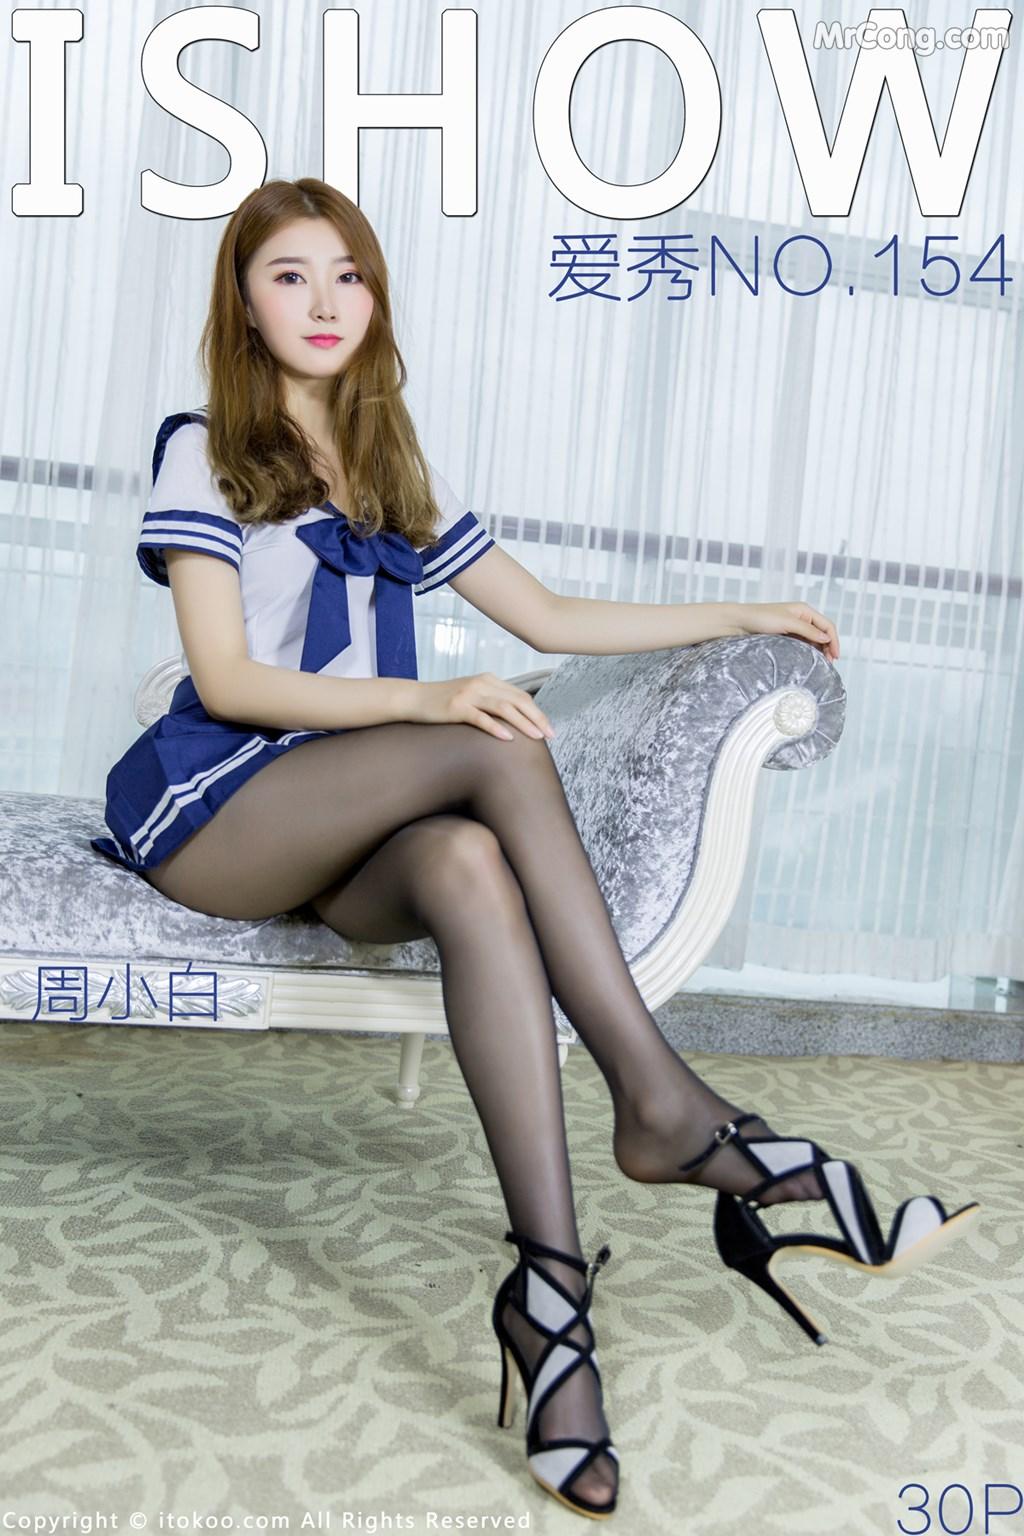 ISHOW No.154: Người mẫu Zhou Xiao Bai (周小白) (31 ảnh)